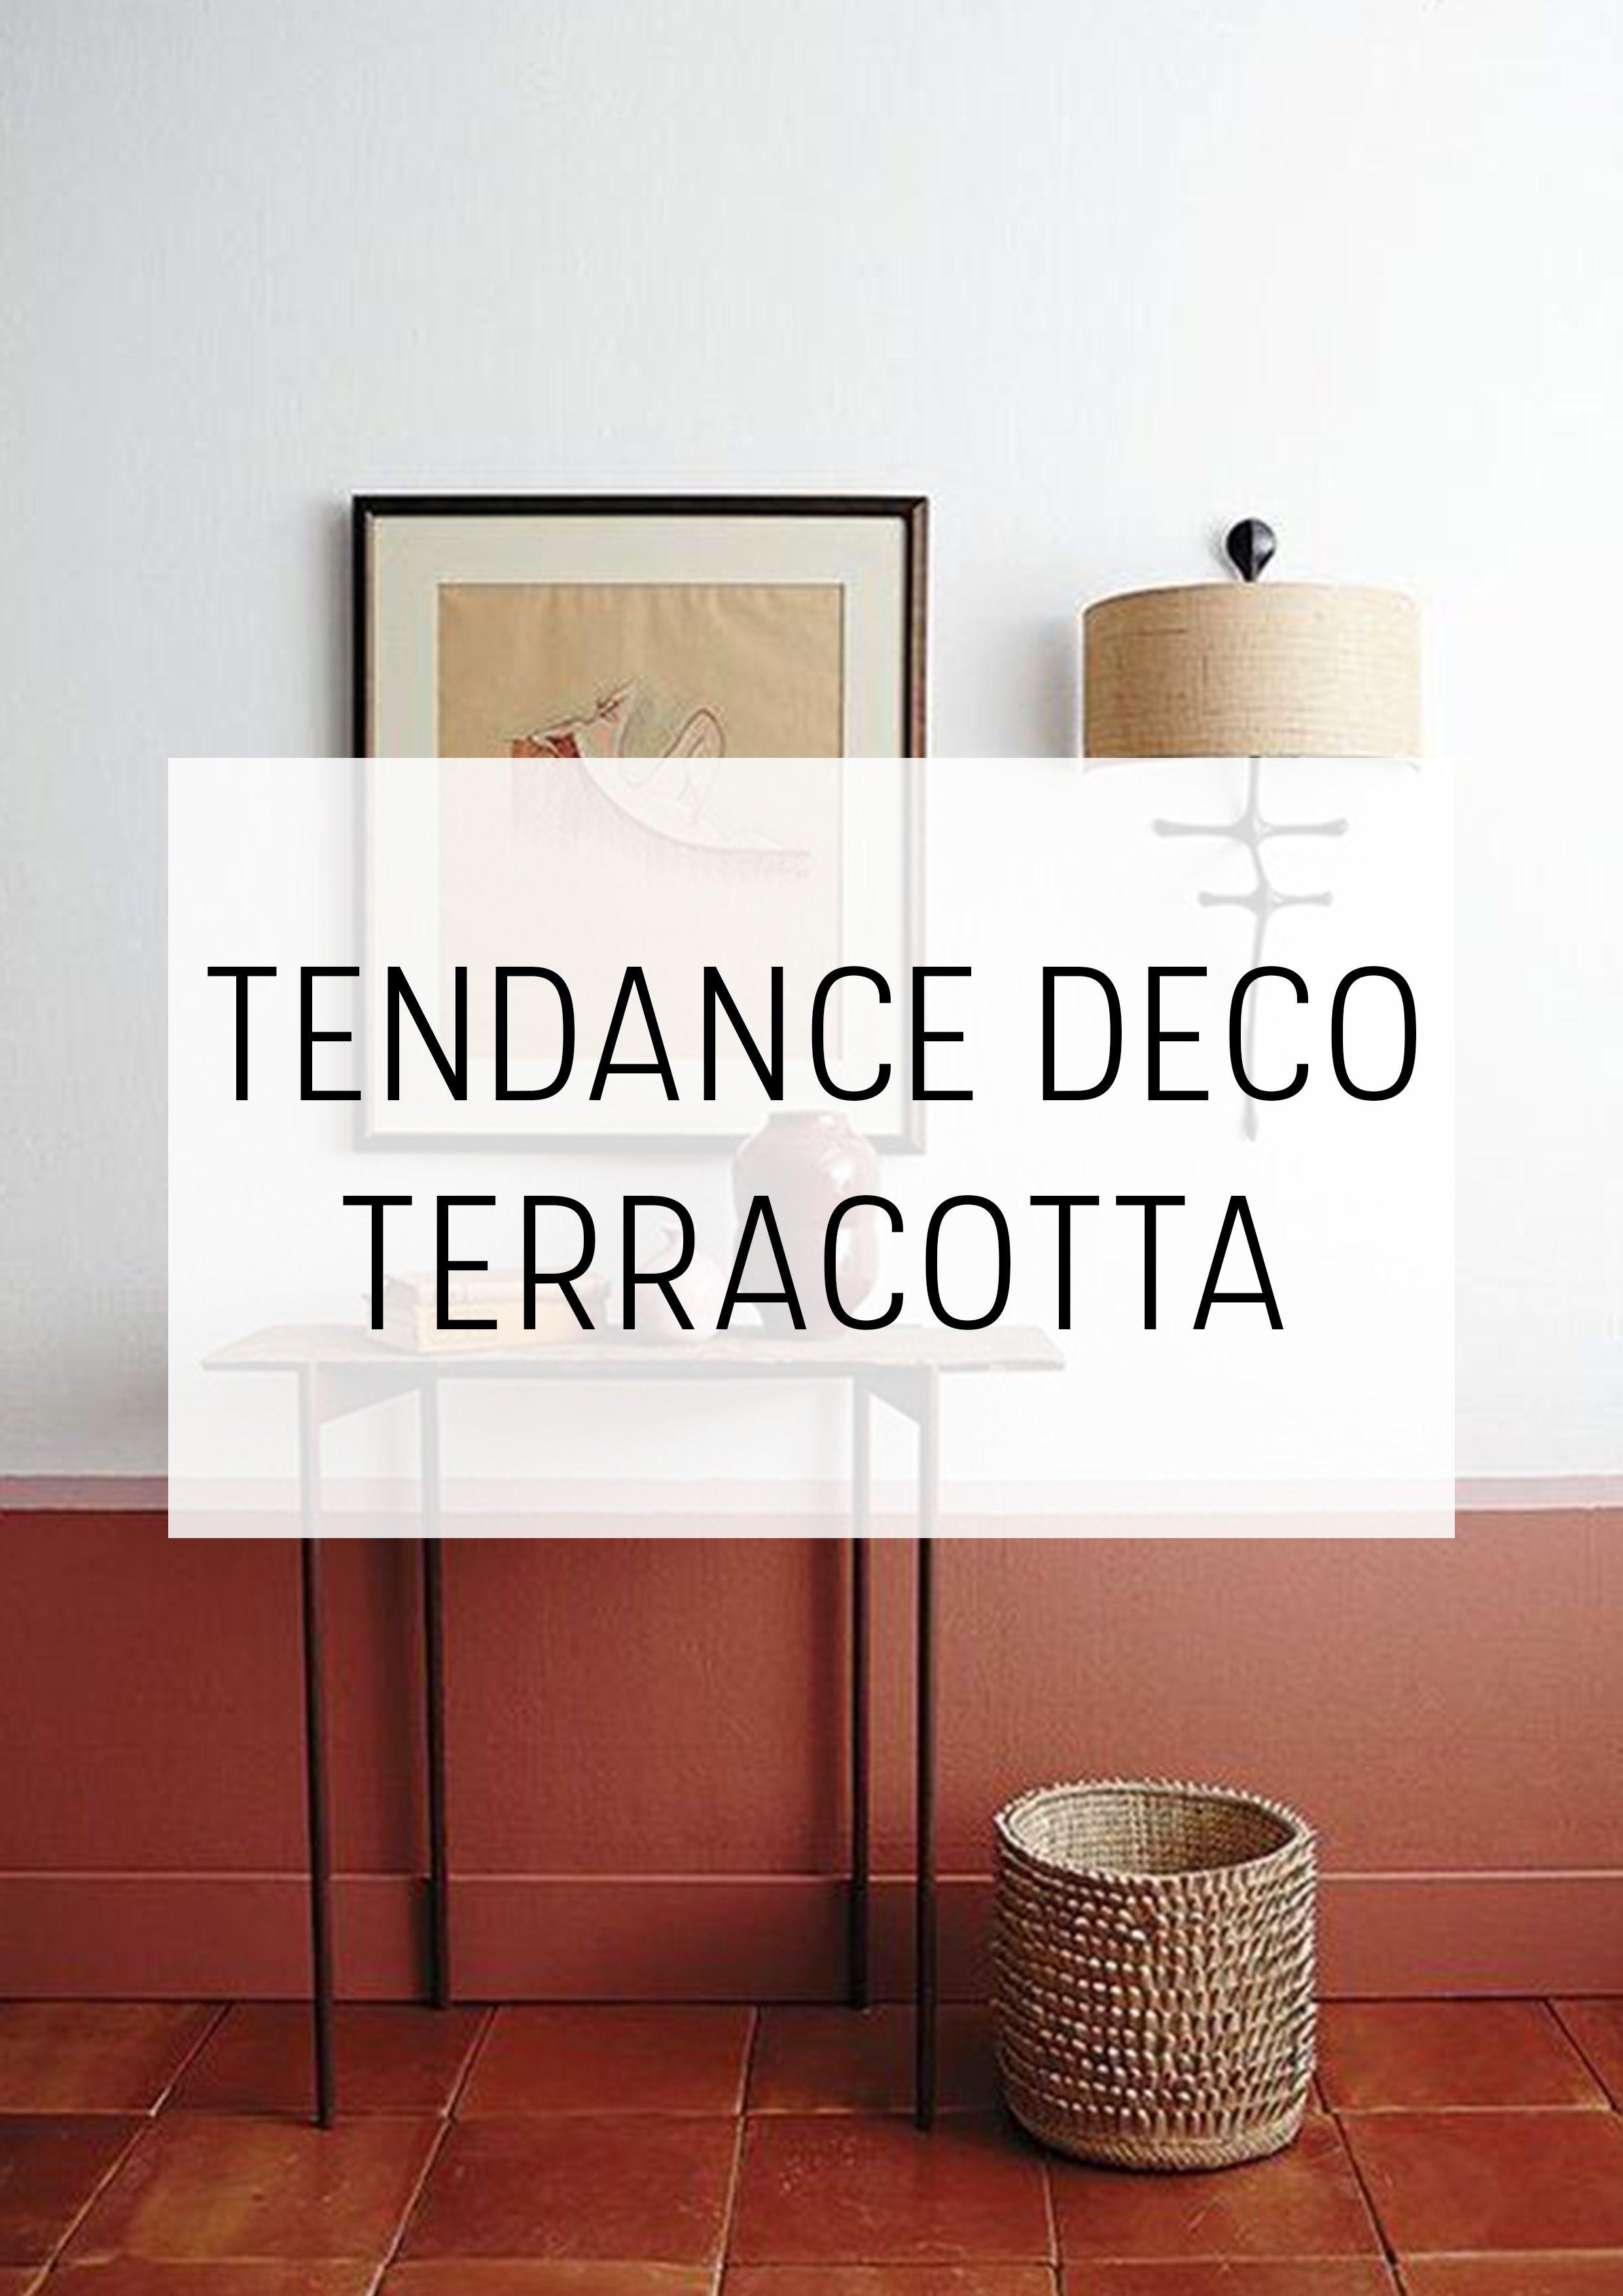 TENDANCE DÉCO TERRACOTTA